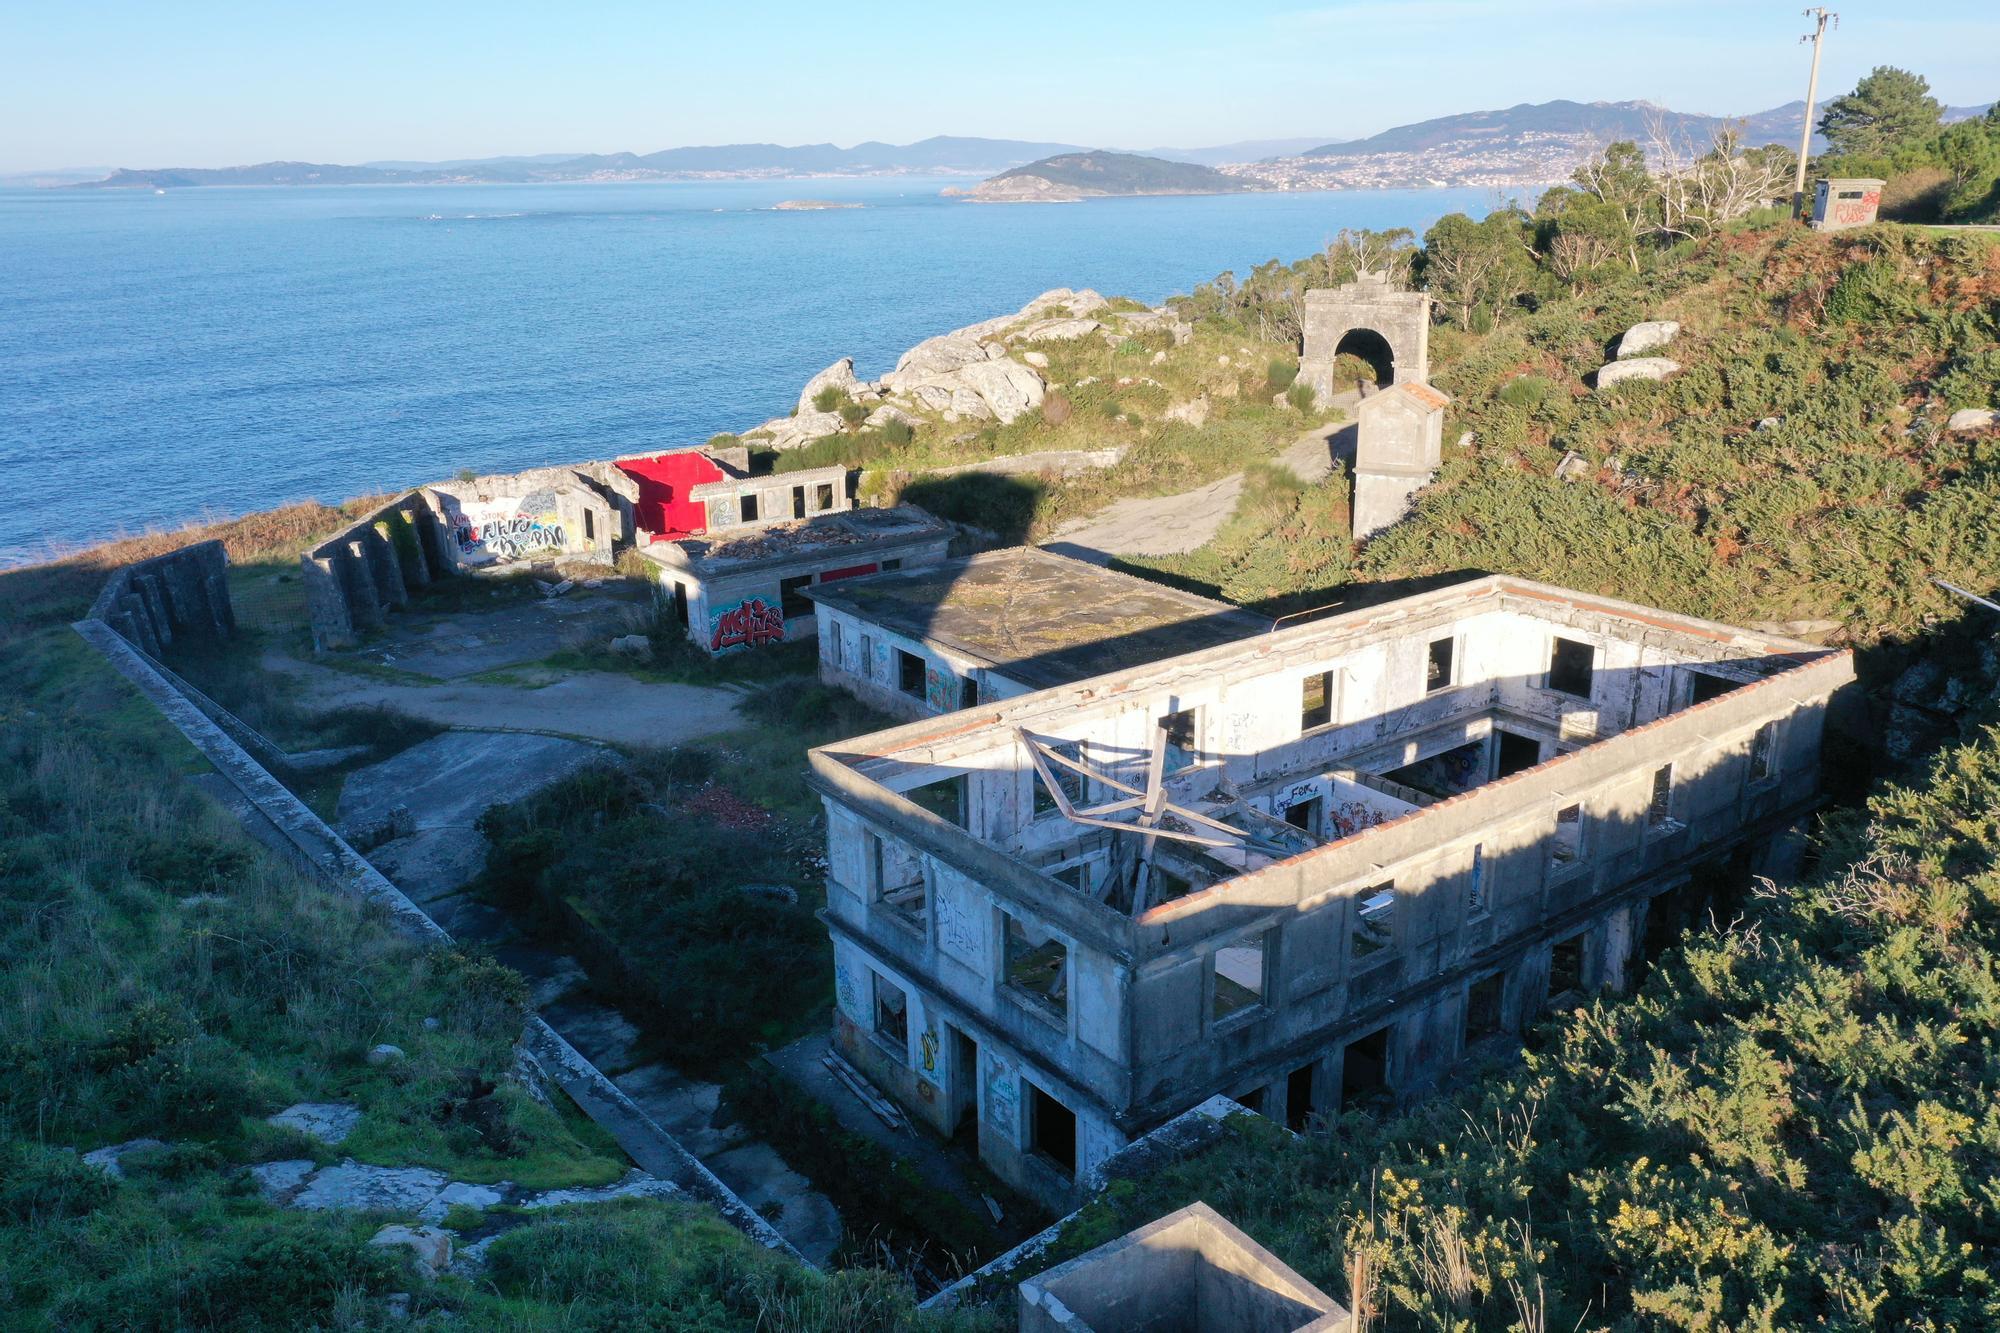 Vista general de las instalaciones militares por las que puja el Concello de Baiona.